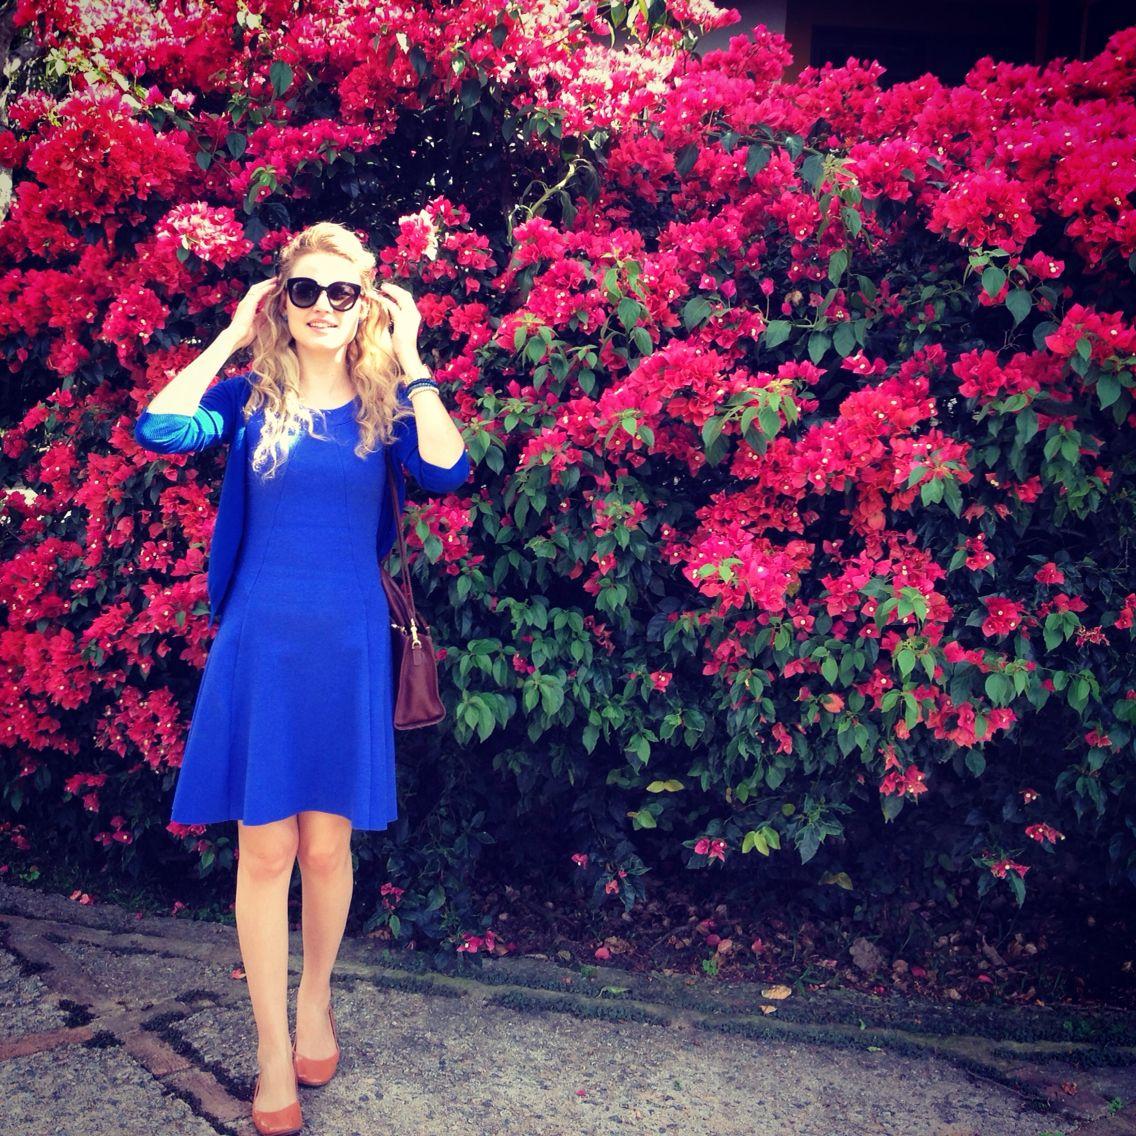 Wearing Blue